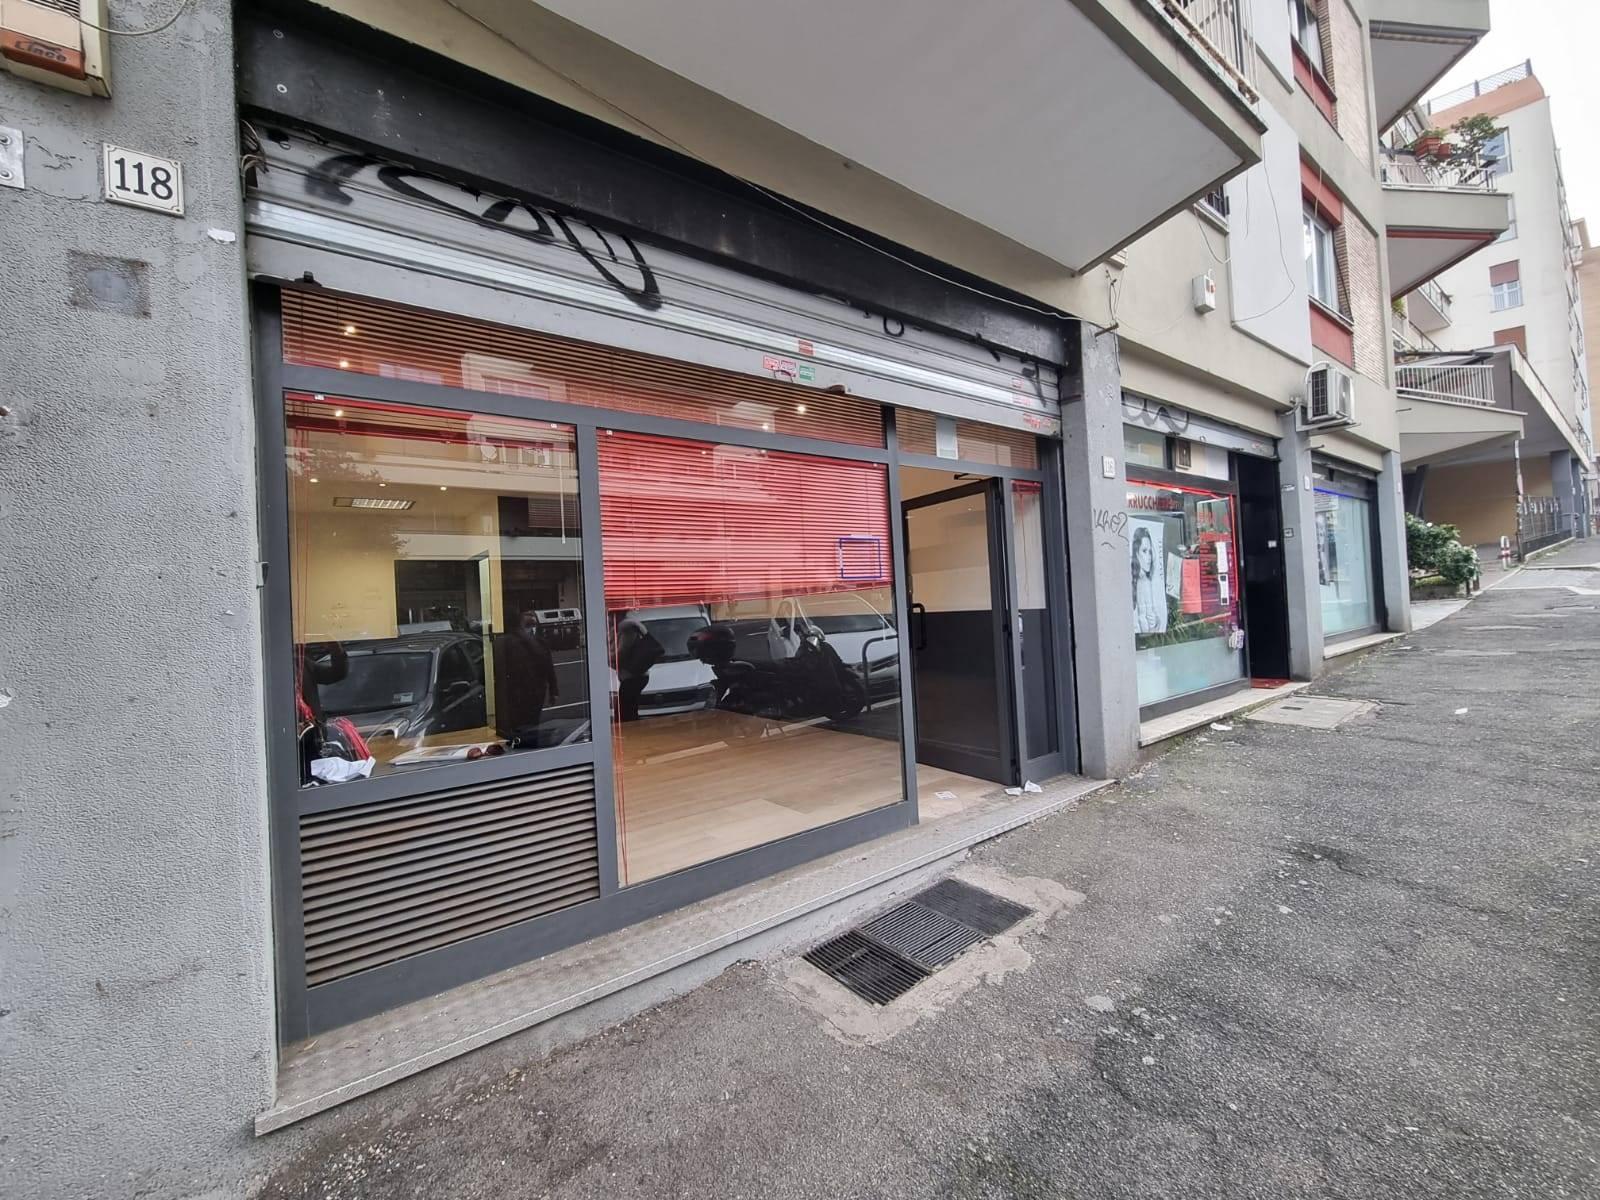 Aurelio, Via Baldo degli Ubaldi, fronte strada, ottima visibilità, disponiamo di locale commerciale unica ampia vetrina con serranda elettrica, si